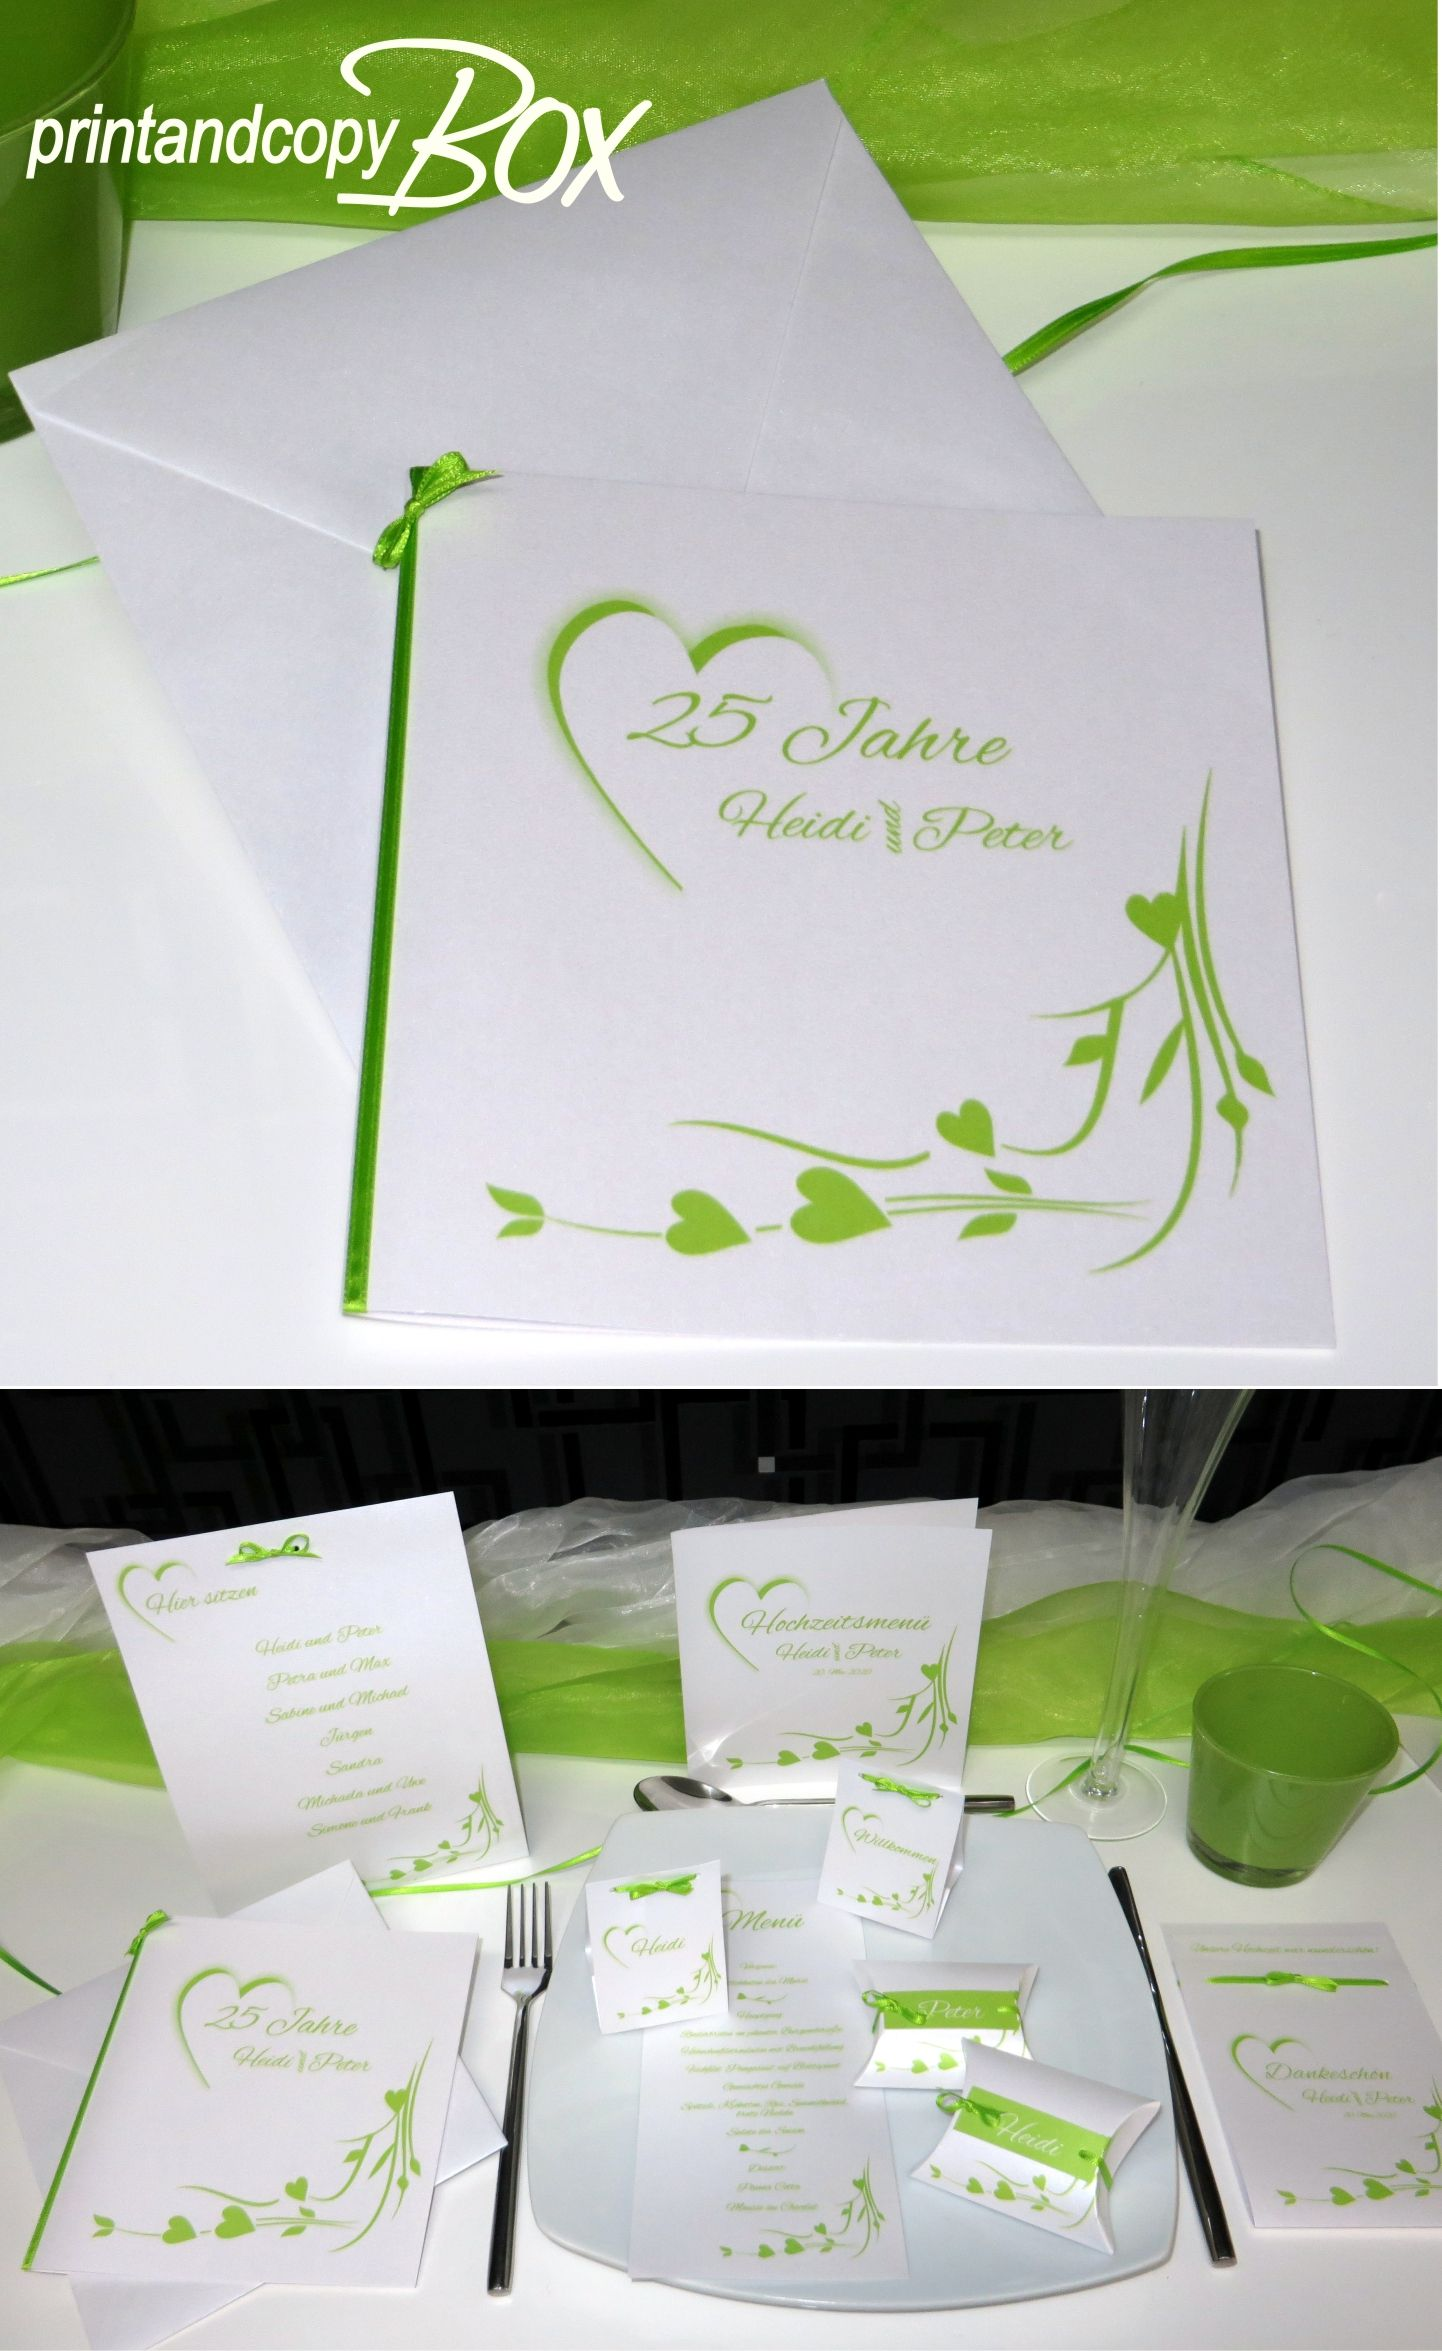 festliche einladung zur silberhochzeit in tollem grün